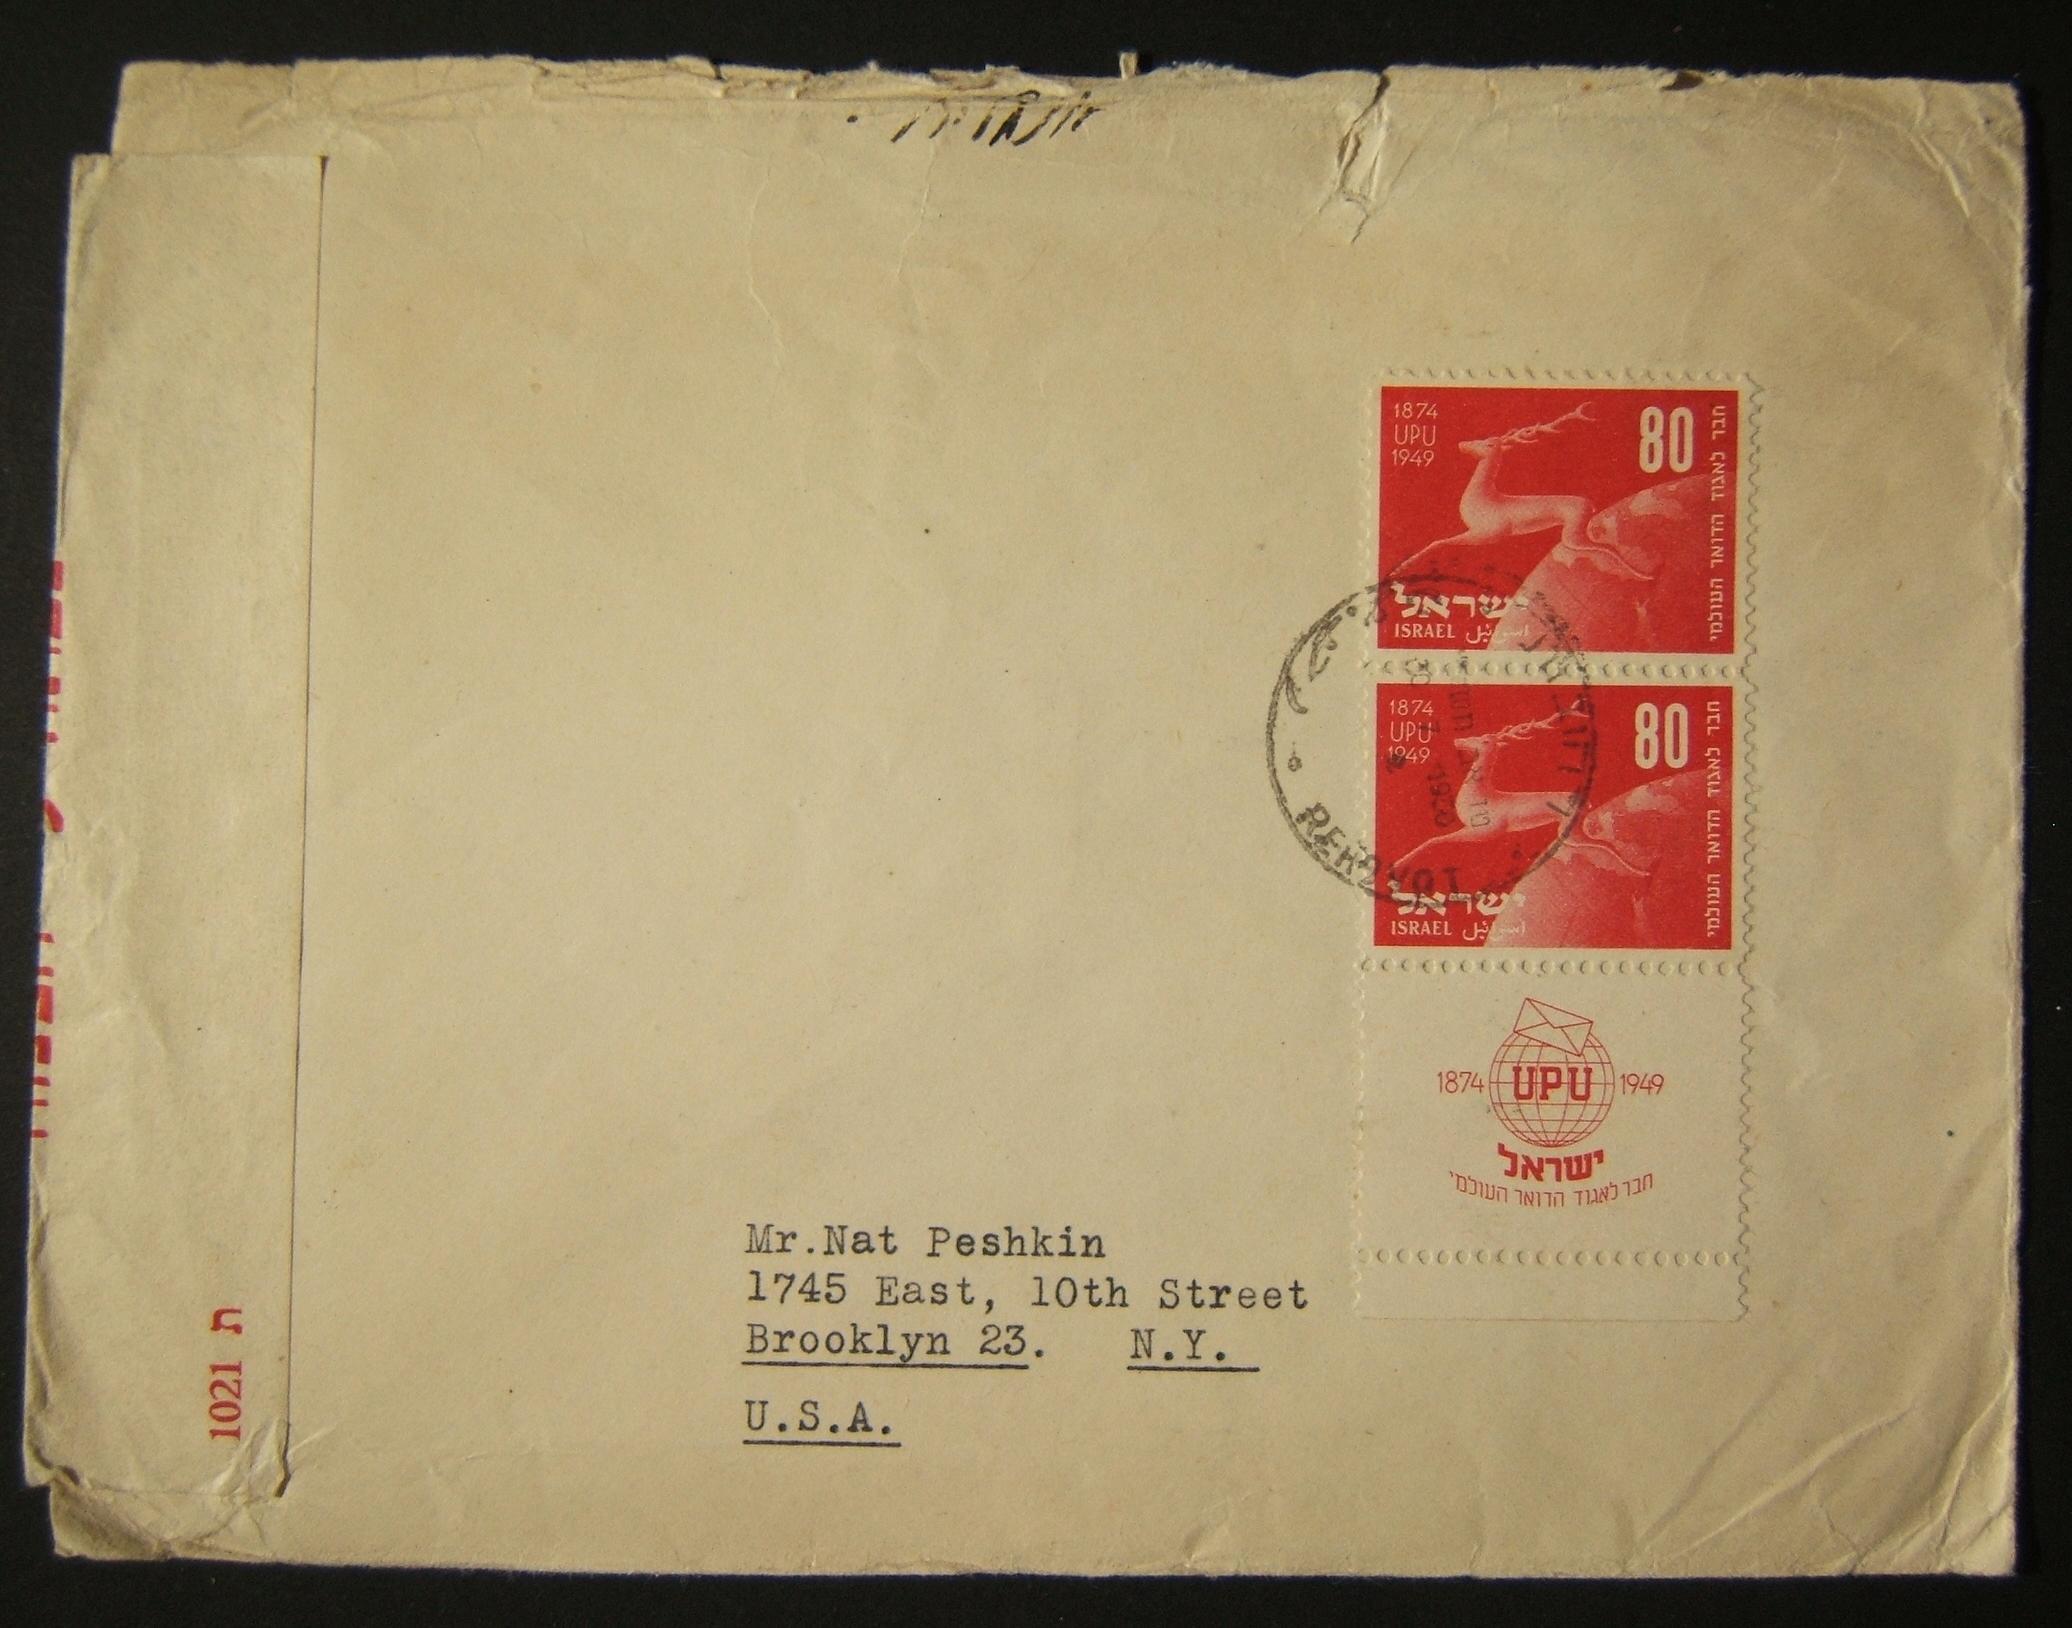 """7/1950 דואר אלקטרוני מצונזר לארה""""ב באמצעות כרטיסיות מלא 80pr UPU חותמות זוג אנכי"""